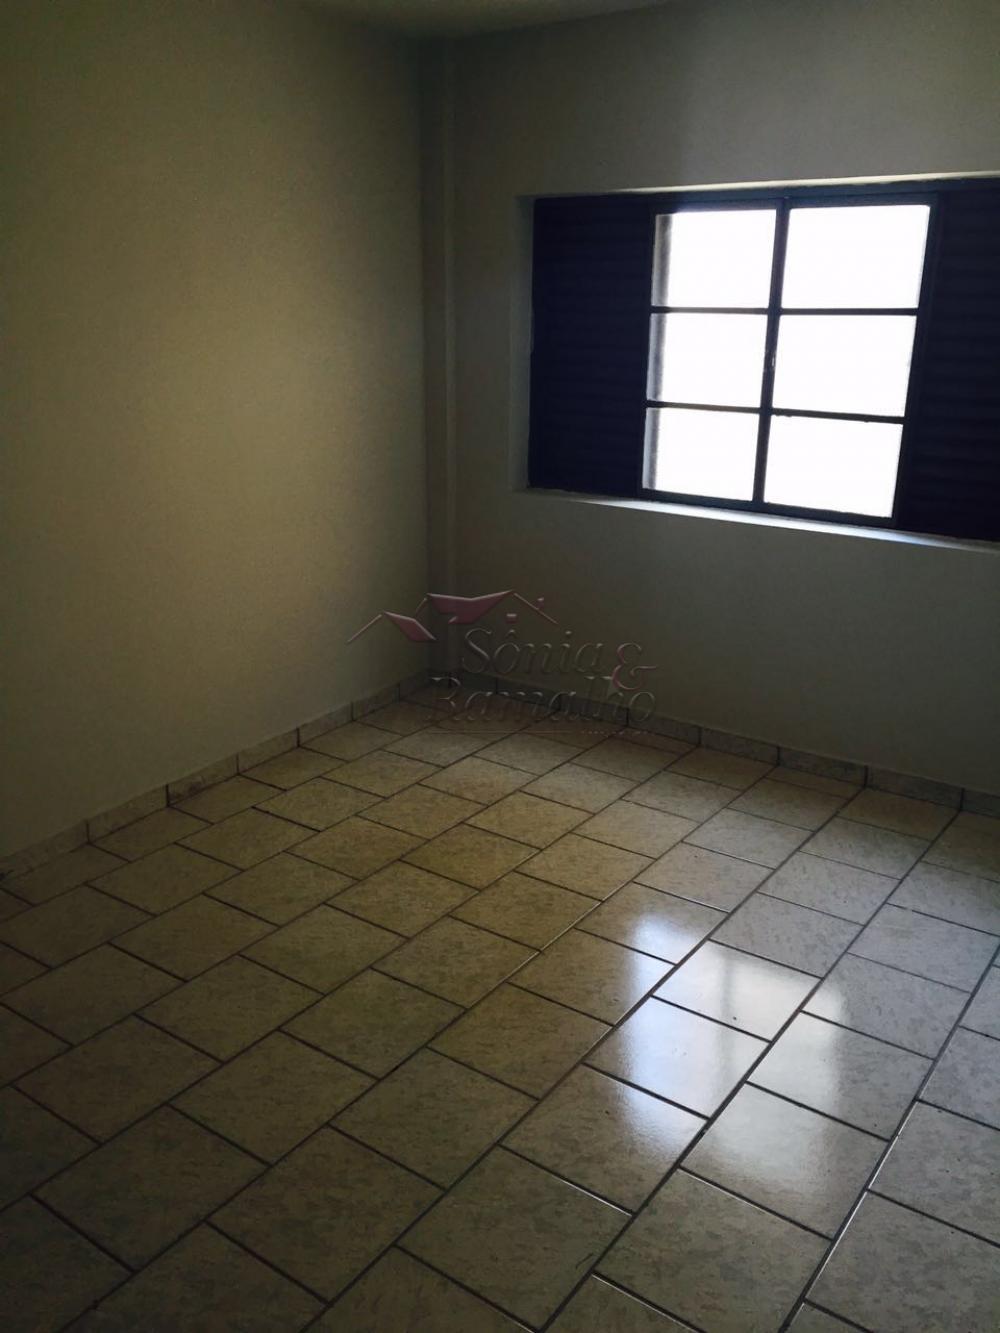 Comprar Apartamentos / Padrão em Ribeirão Preto apenas R$ 100.000,00 - Foto 5